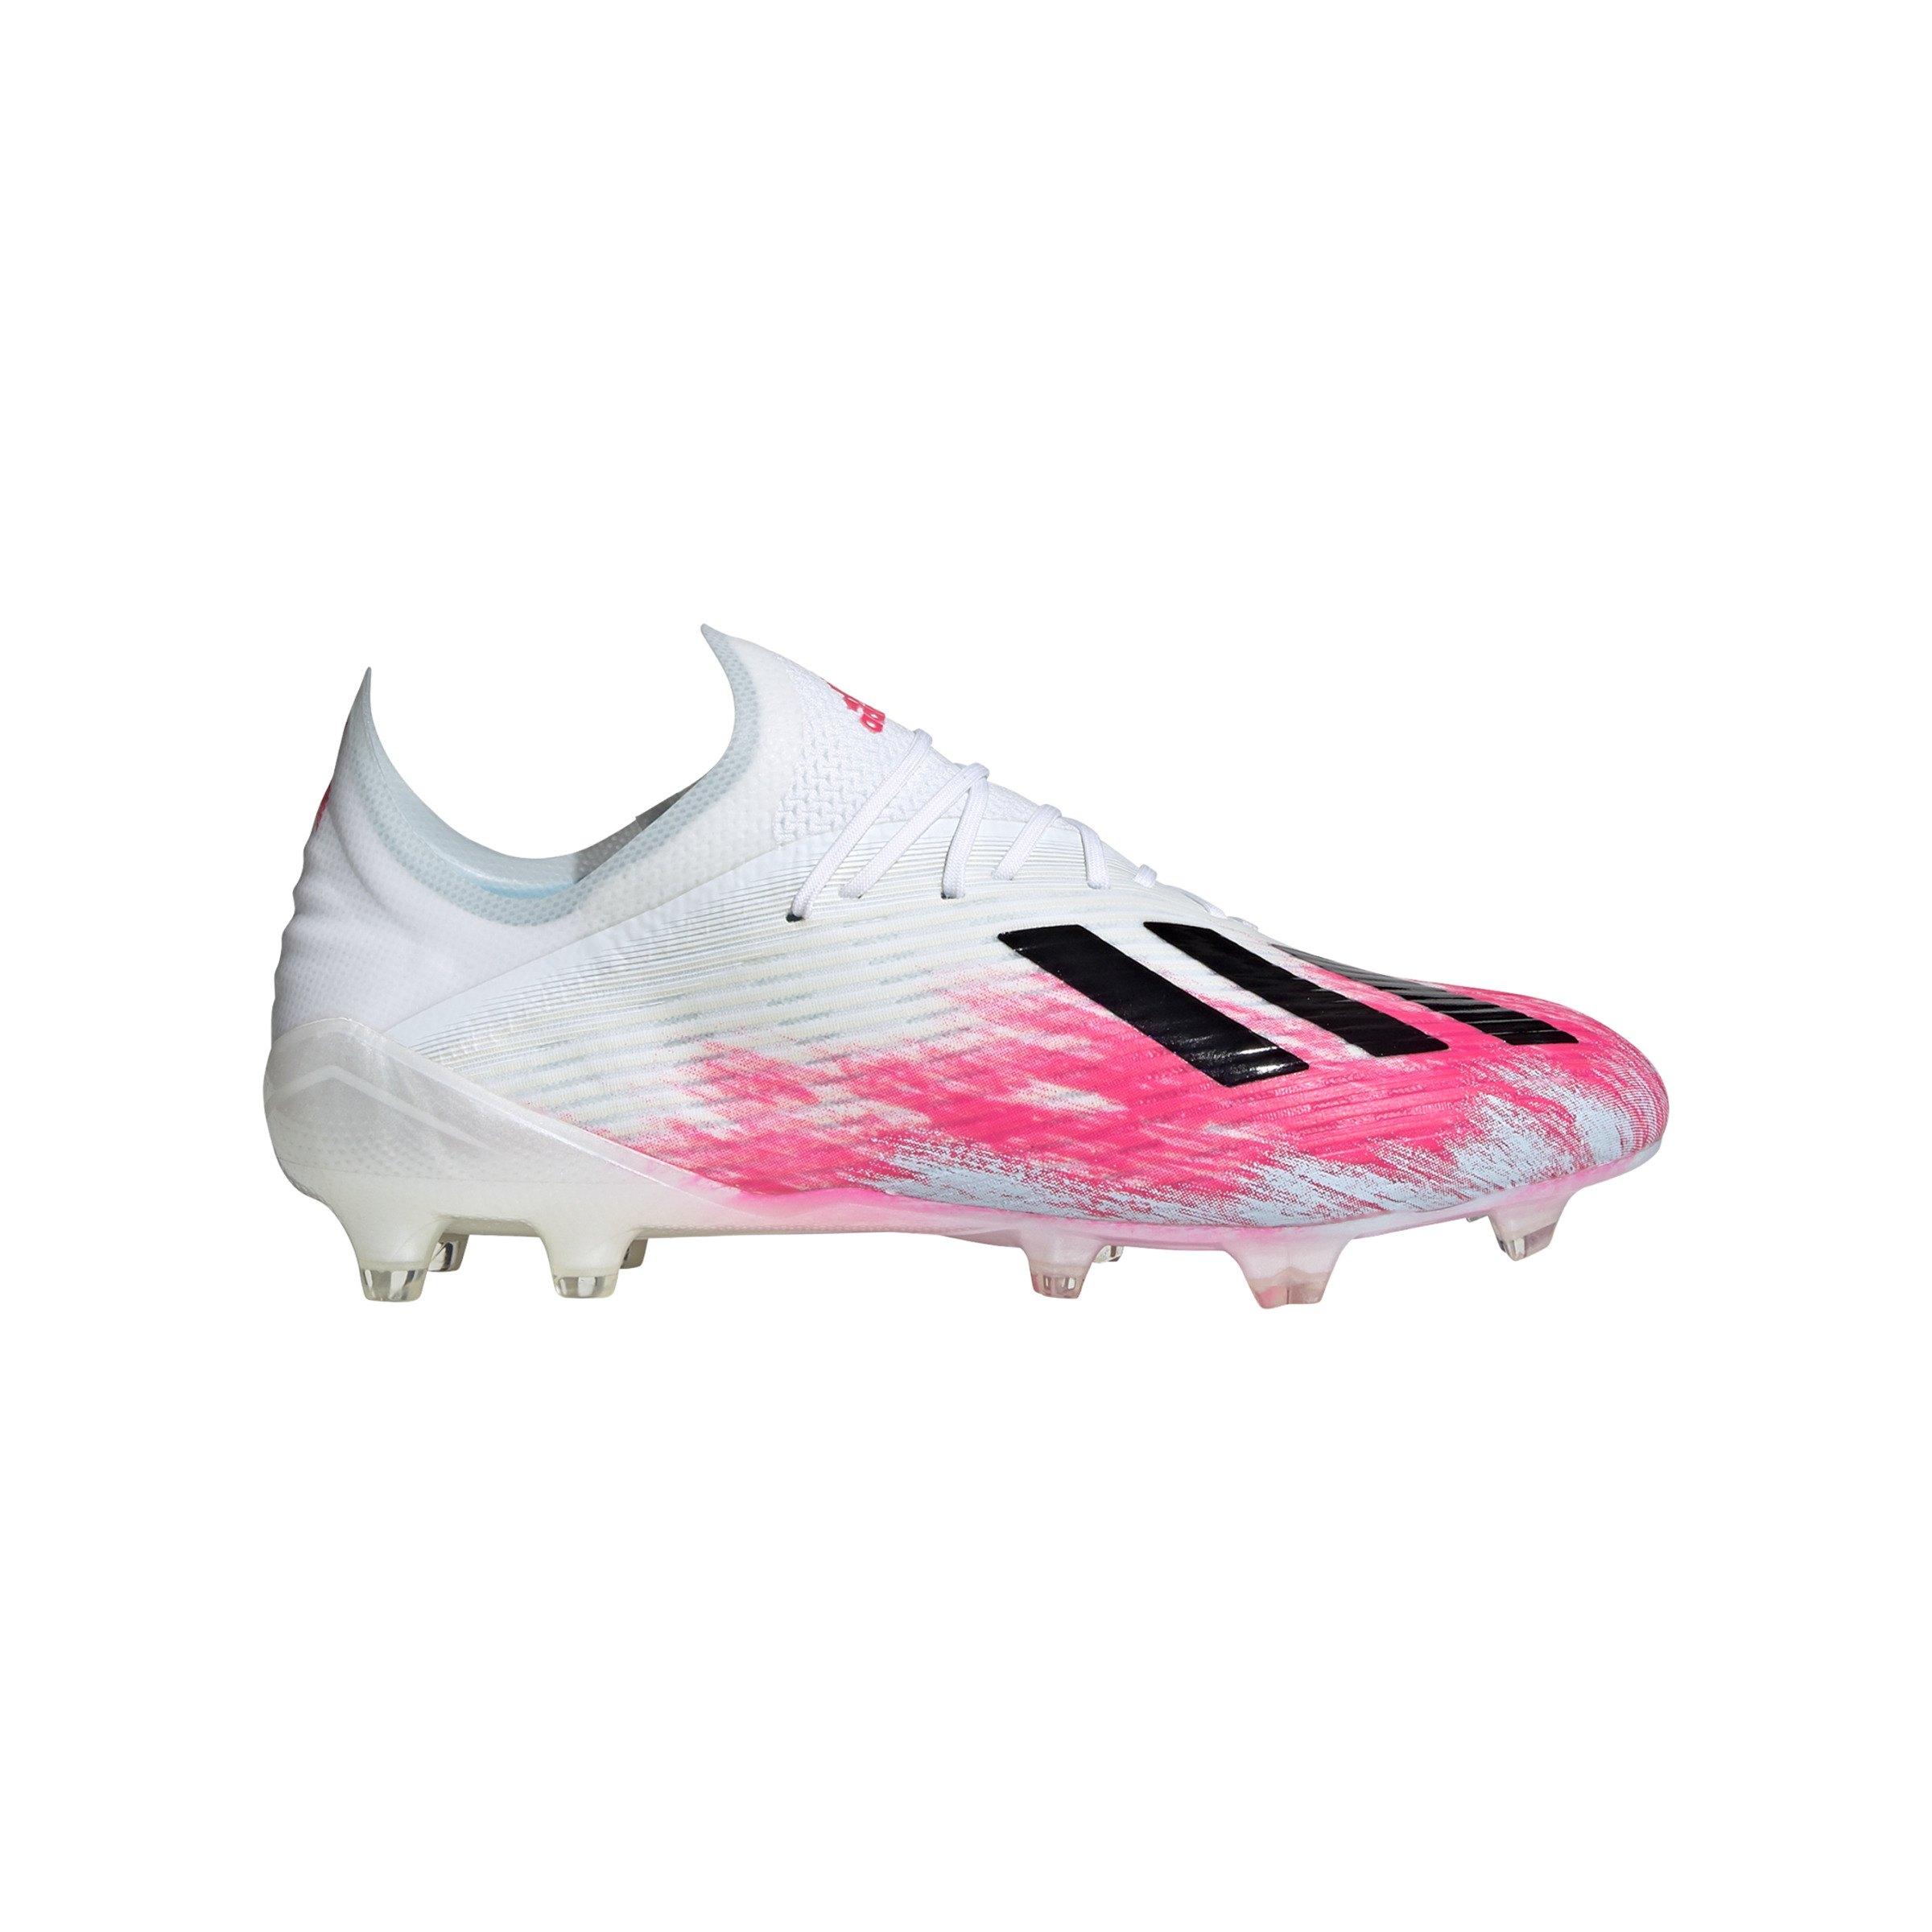 adidas X 19.1 FG Weiss Pink - weiss